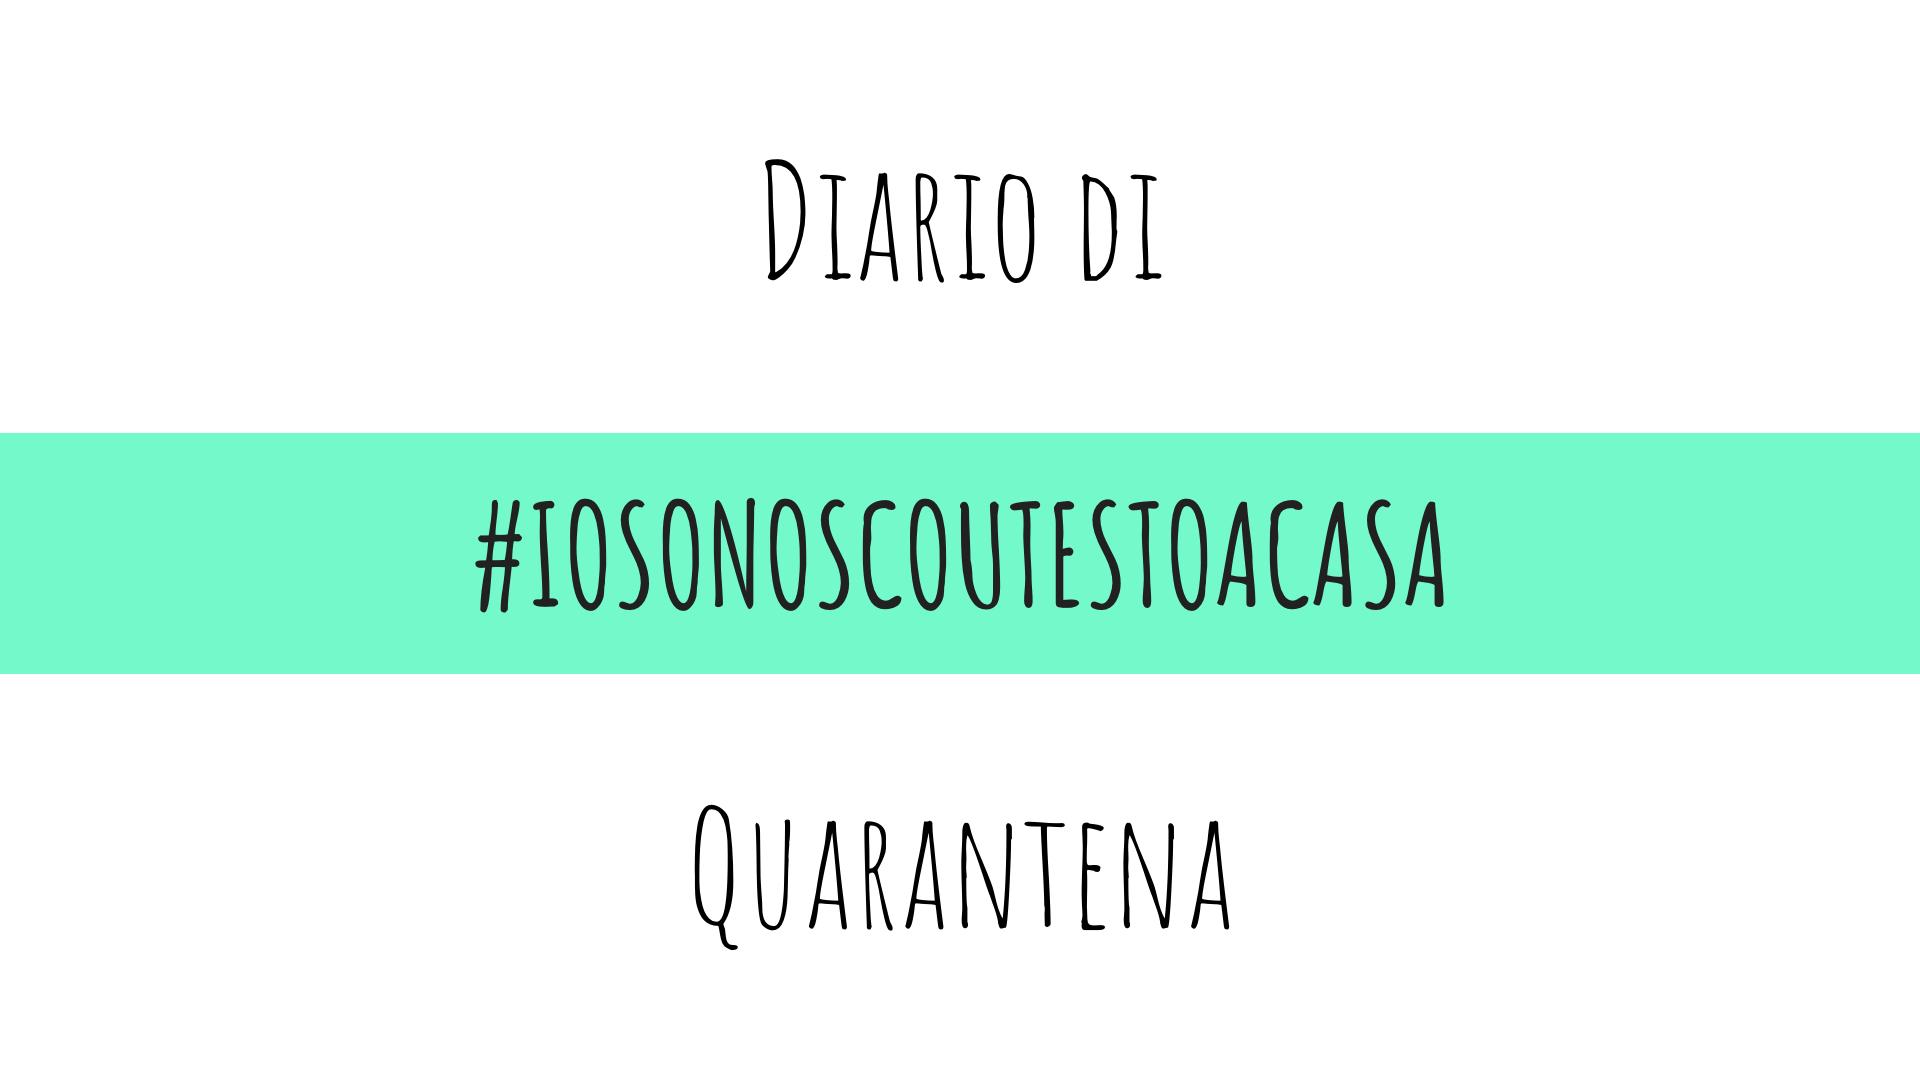 Diario.001